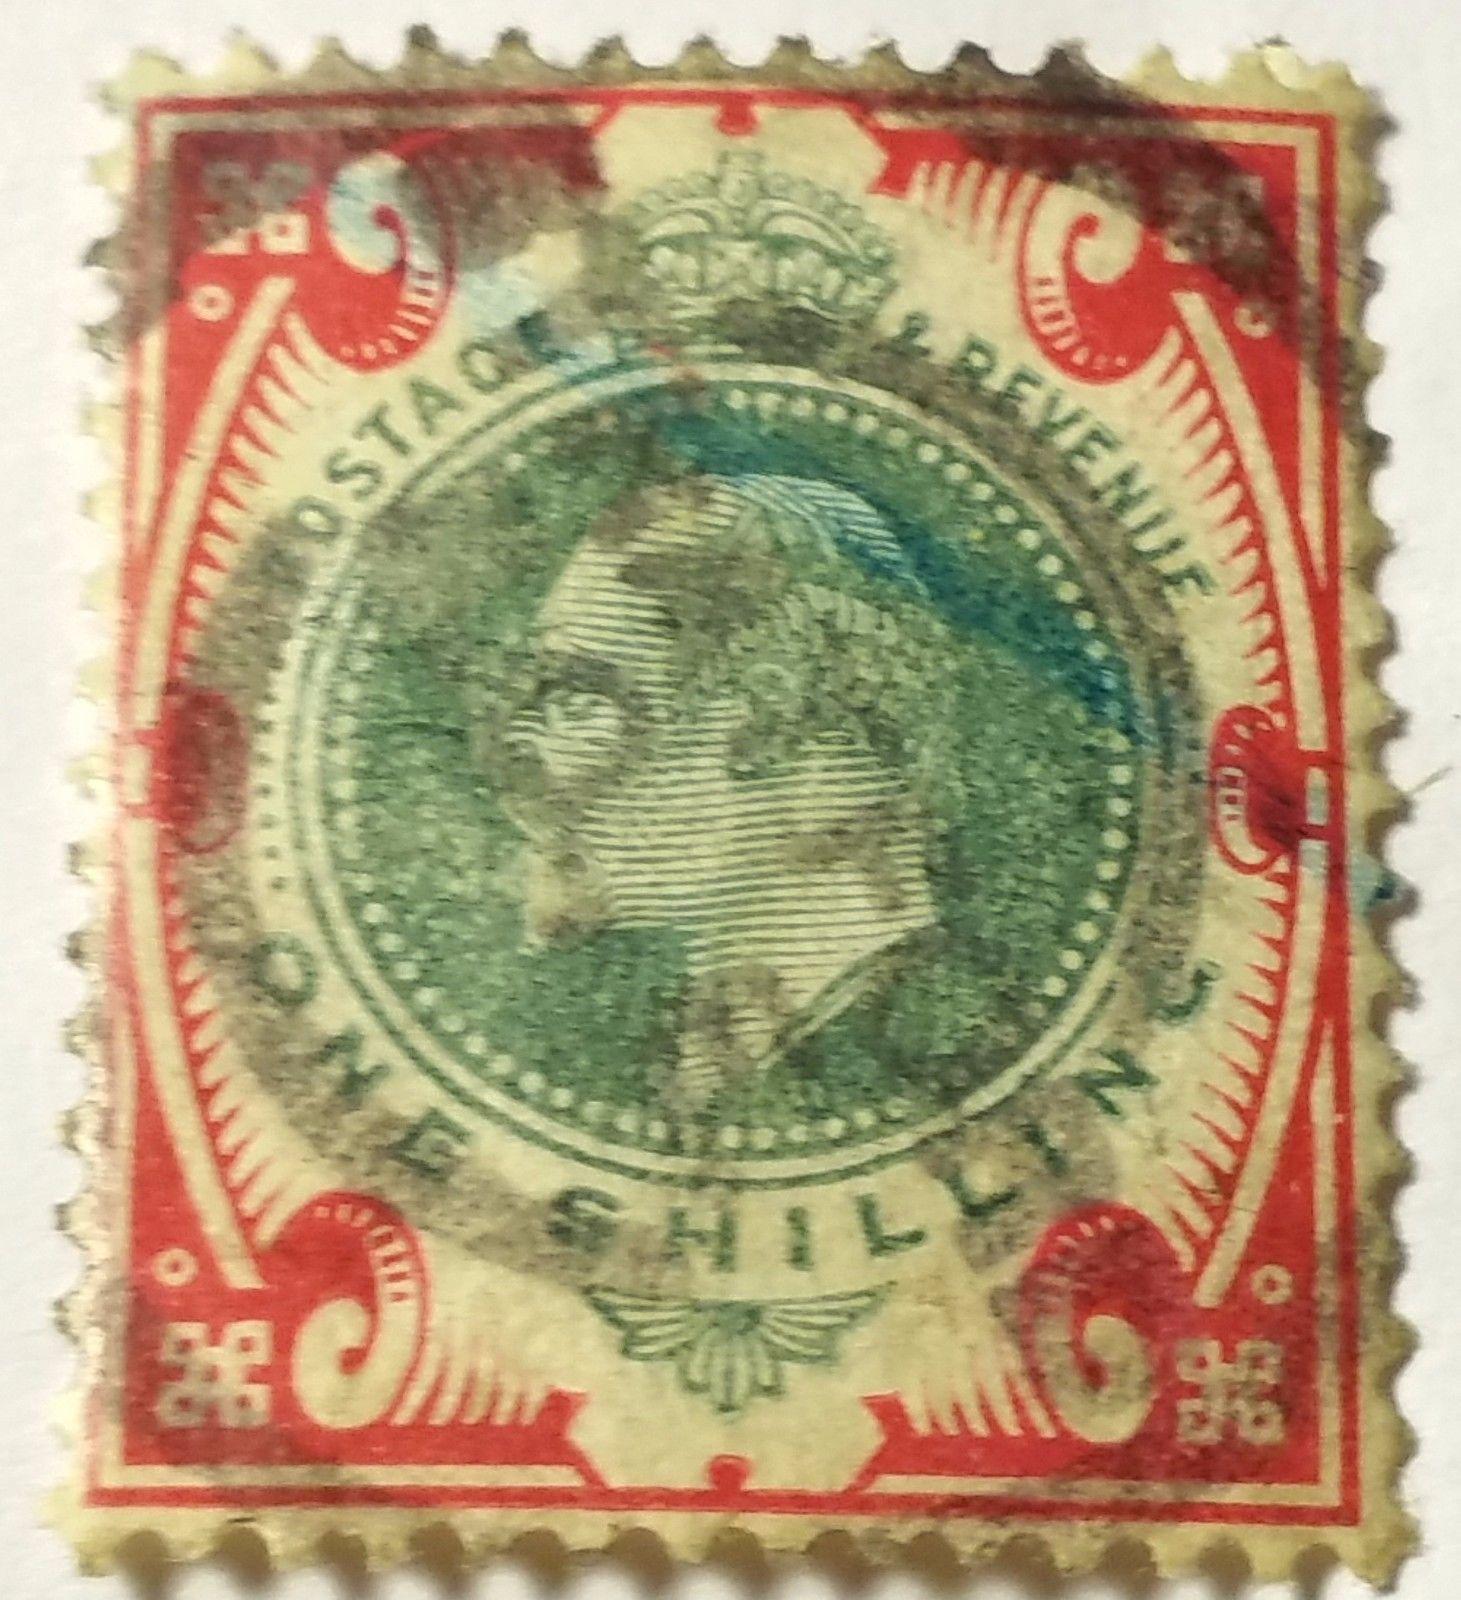 British stamps photo